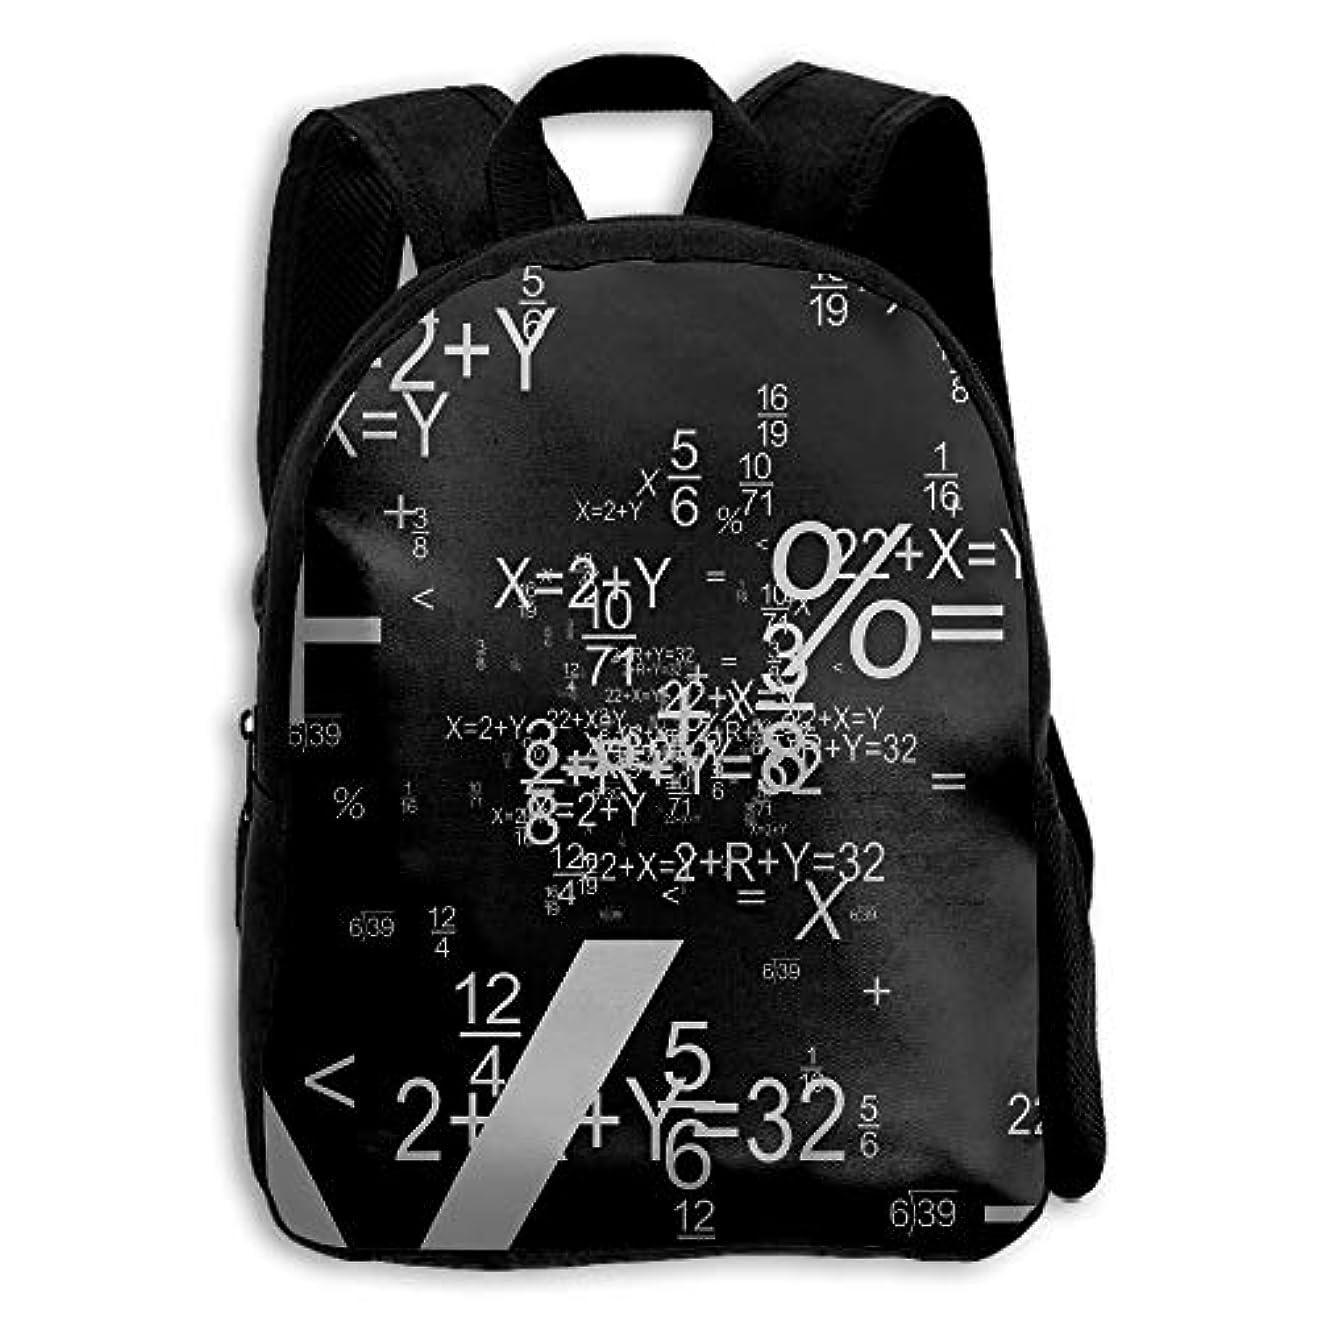 細部固める浸すキッズ バックパック 子供用 リュックサック 数学物理方程式 ショルダー デイパック アウトドア 男の子 女の子 通学 旅行 遠足